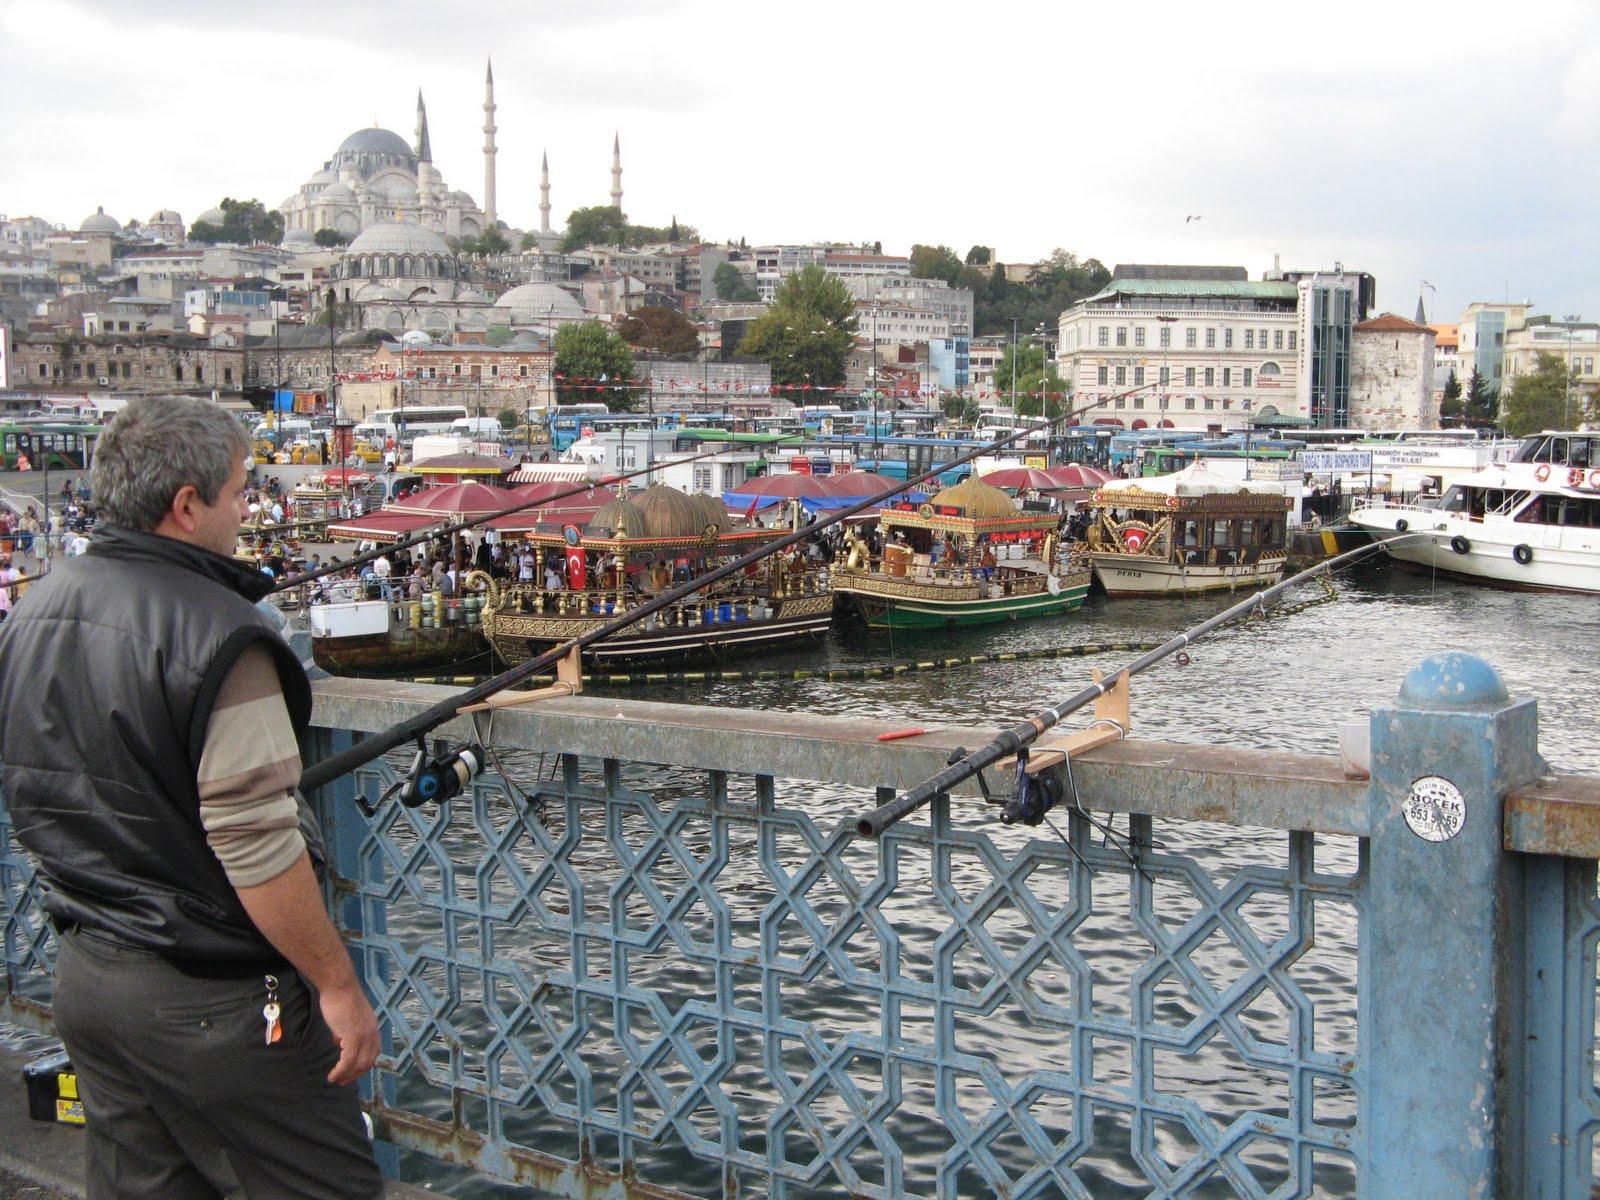 http://4.bp.blogspot.com/_y8_V5zmn7Z8/TKuINf8R2EI/AAAAAAAAAkA/toebW54PM7g/s1600/istanbul+028.JPG